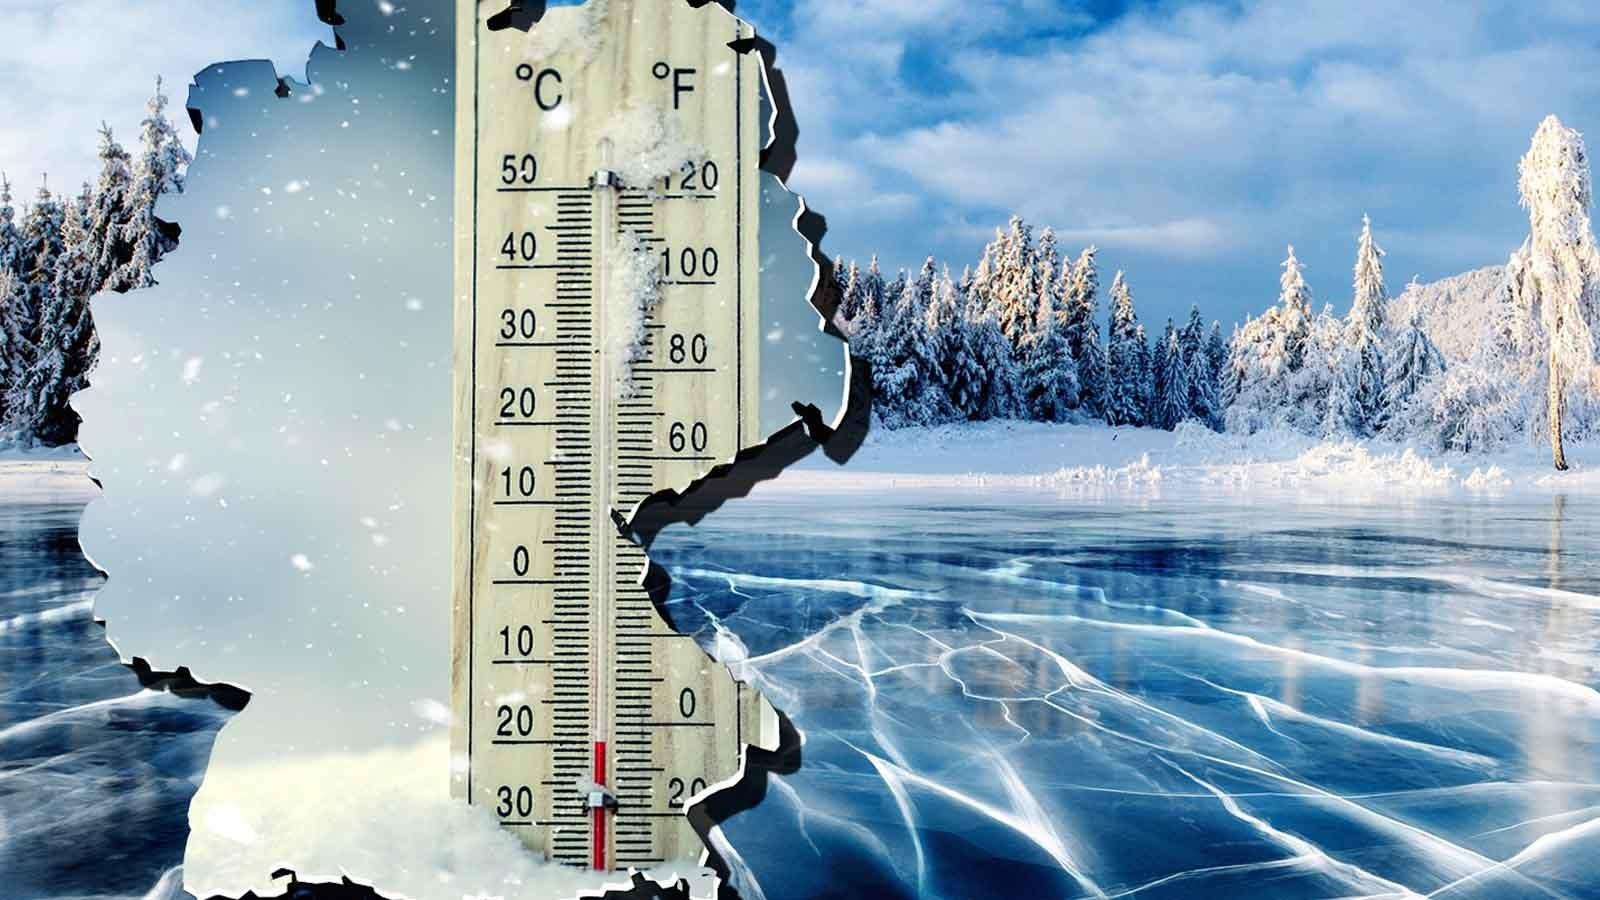 Bis zu 10 Zentimeter Schnee: Wer kommende Woche ein Winterwonderland erlebt